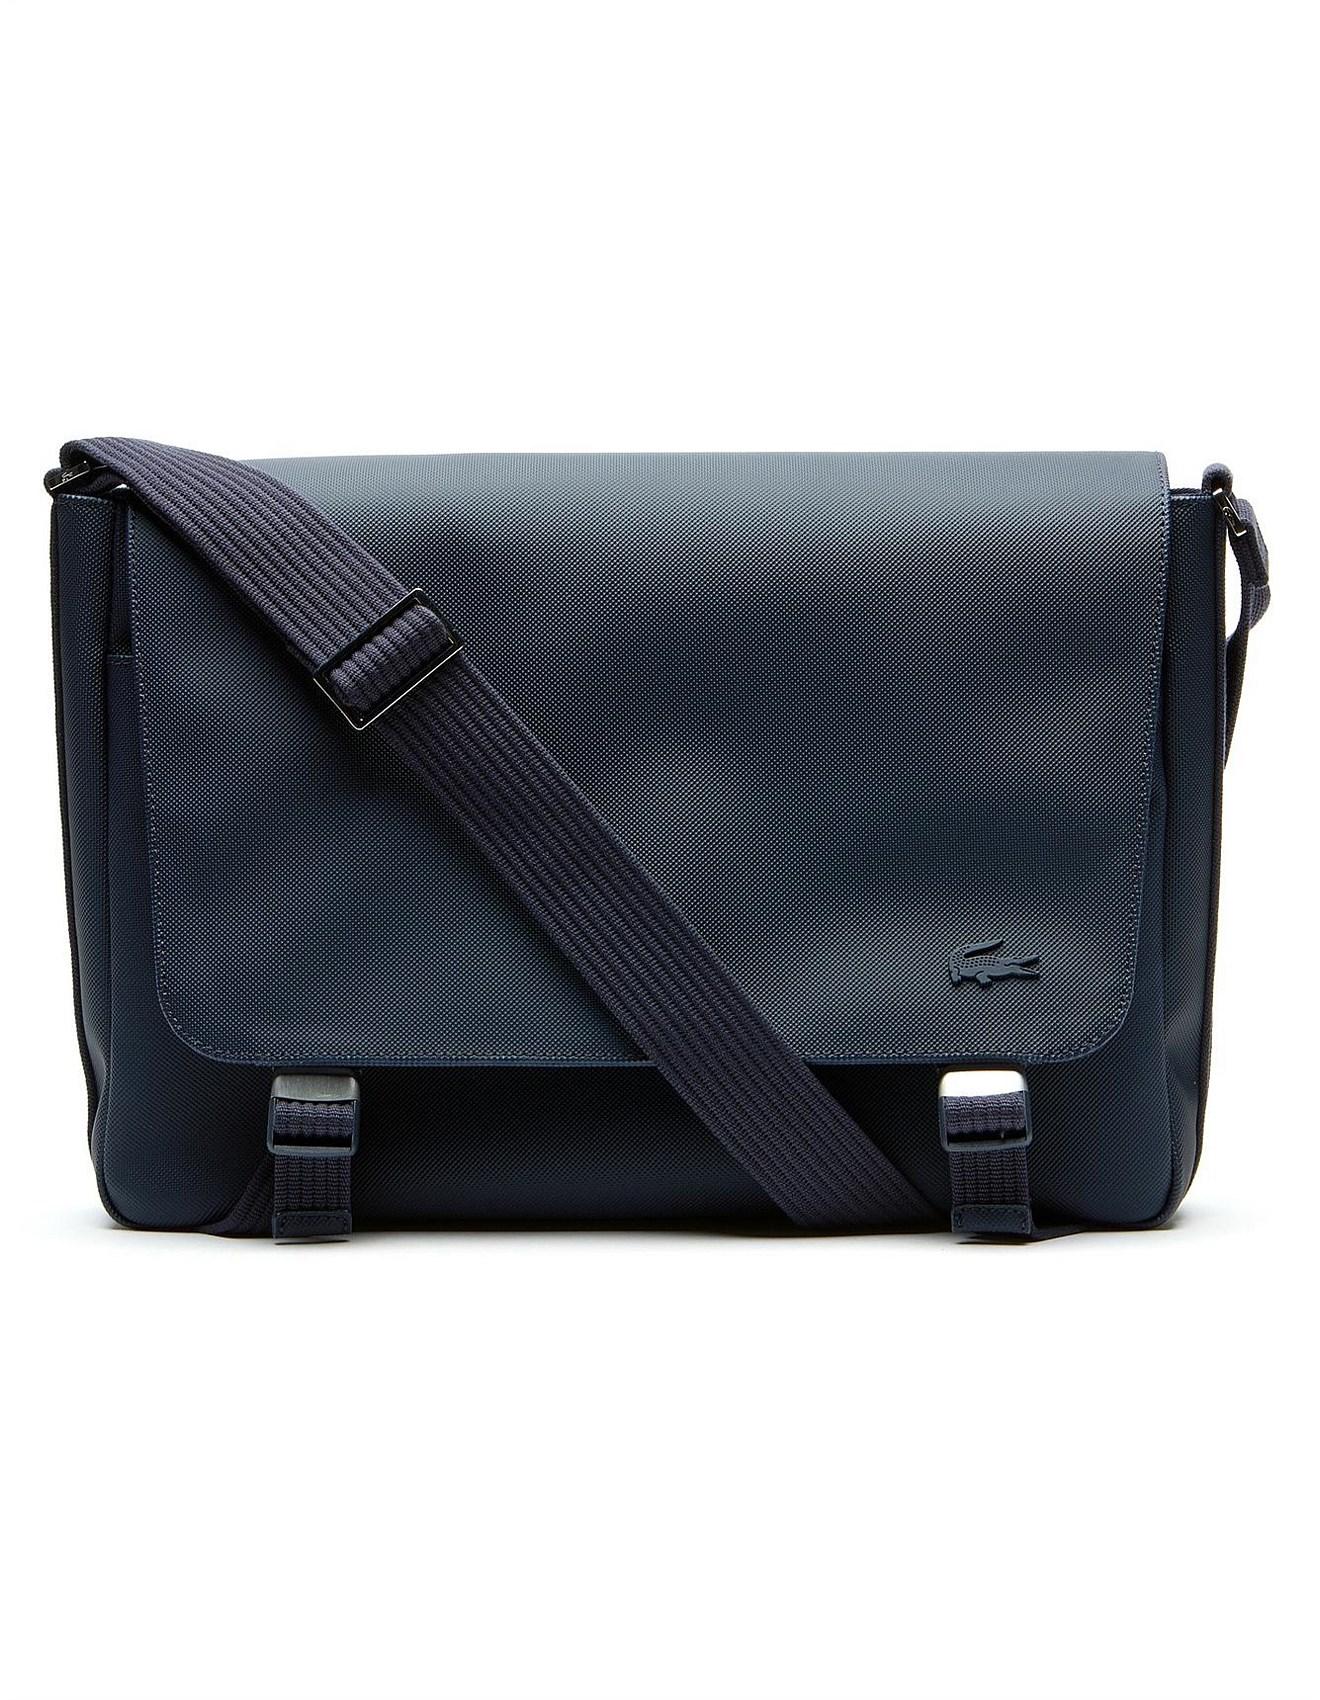 70e5db7a4685 Men's Bags | Backpacks, Satchels & More | David Jones - MENS CLASSIC ...